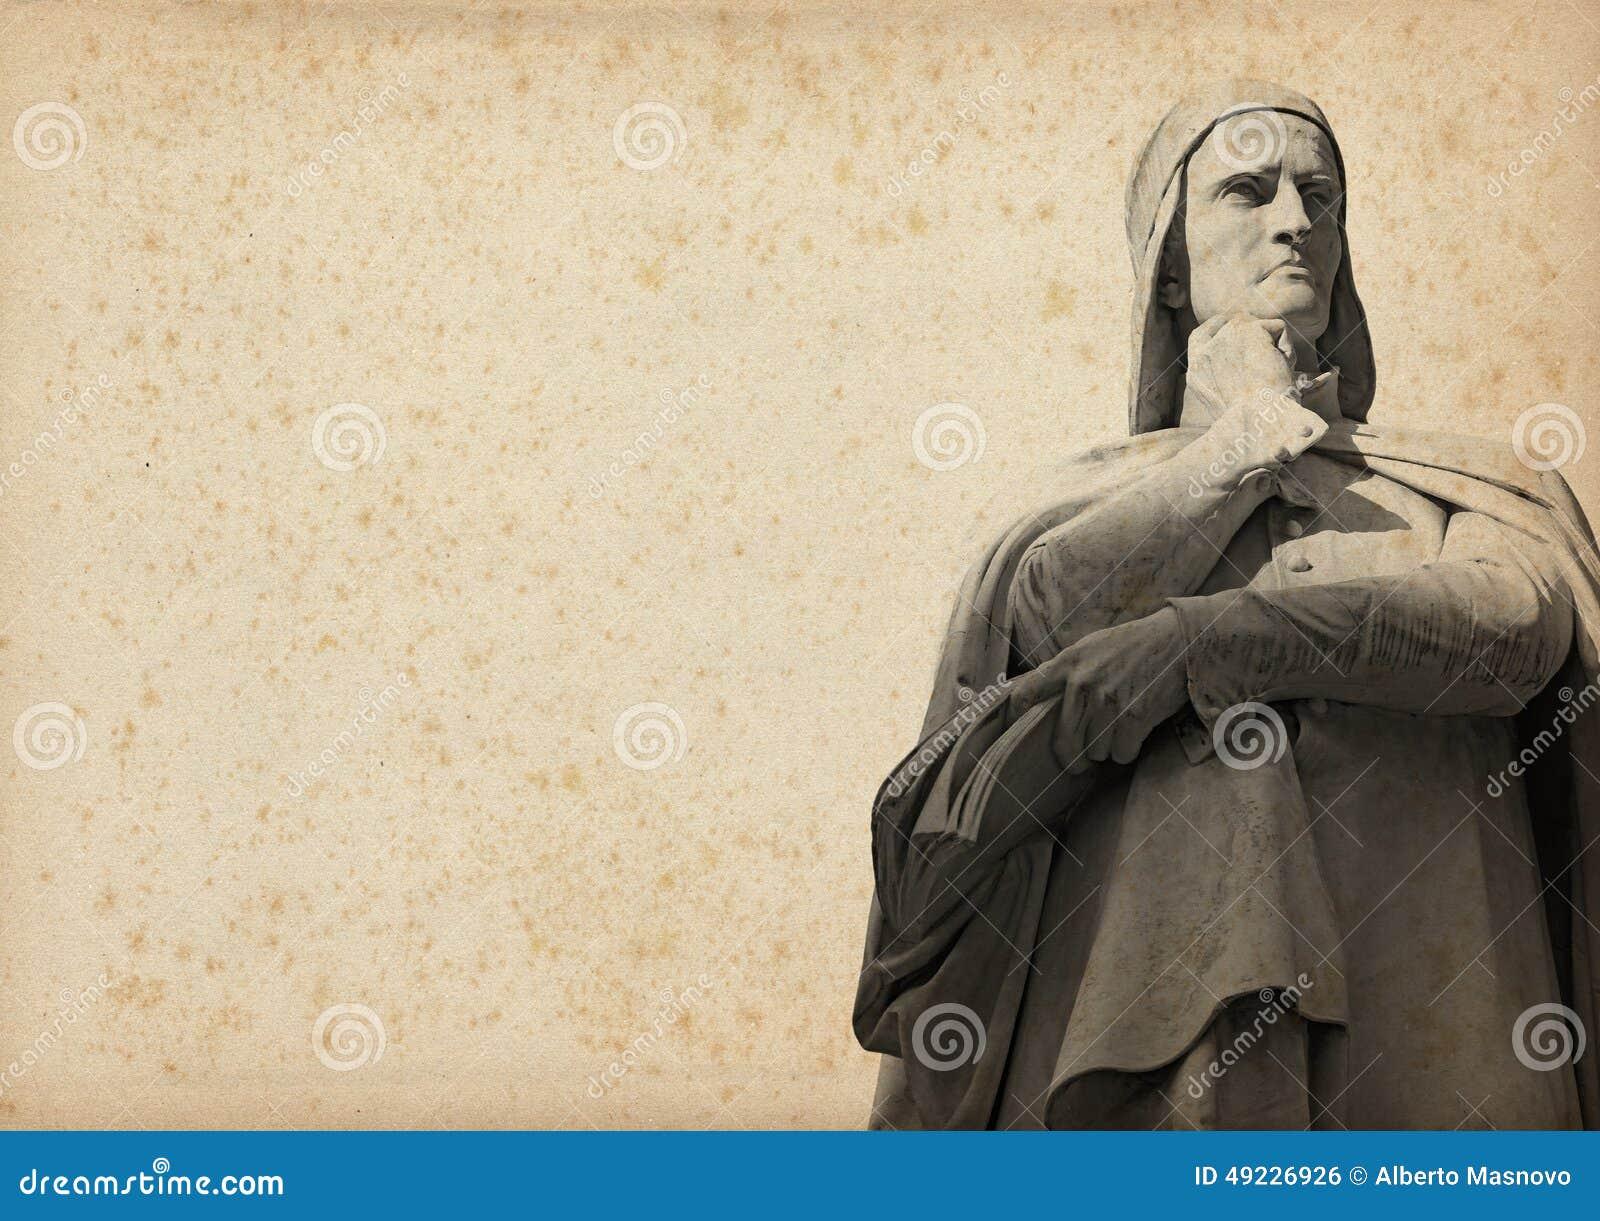 Essay, Research Paper: Dante Alighieri Divine Comedy